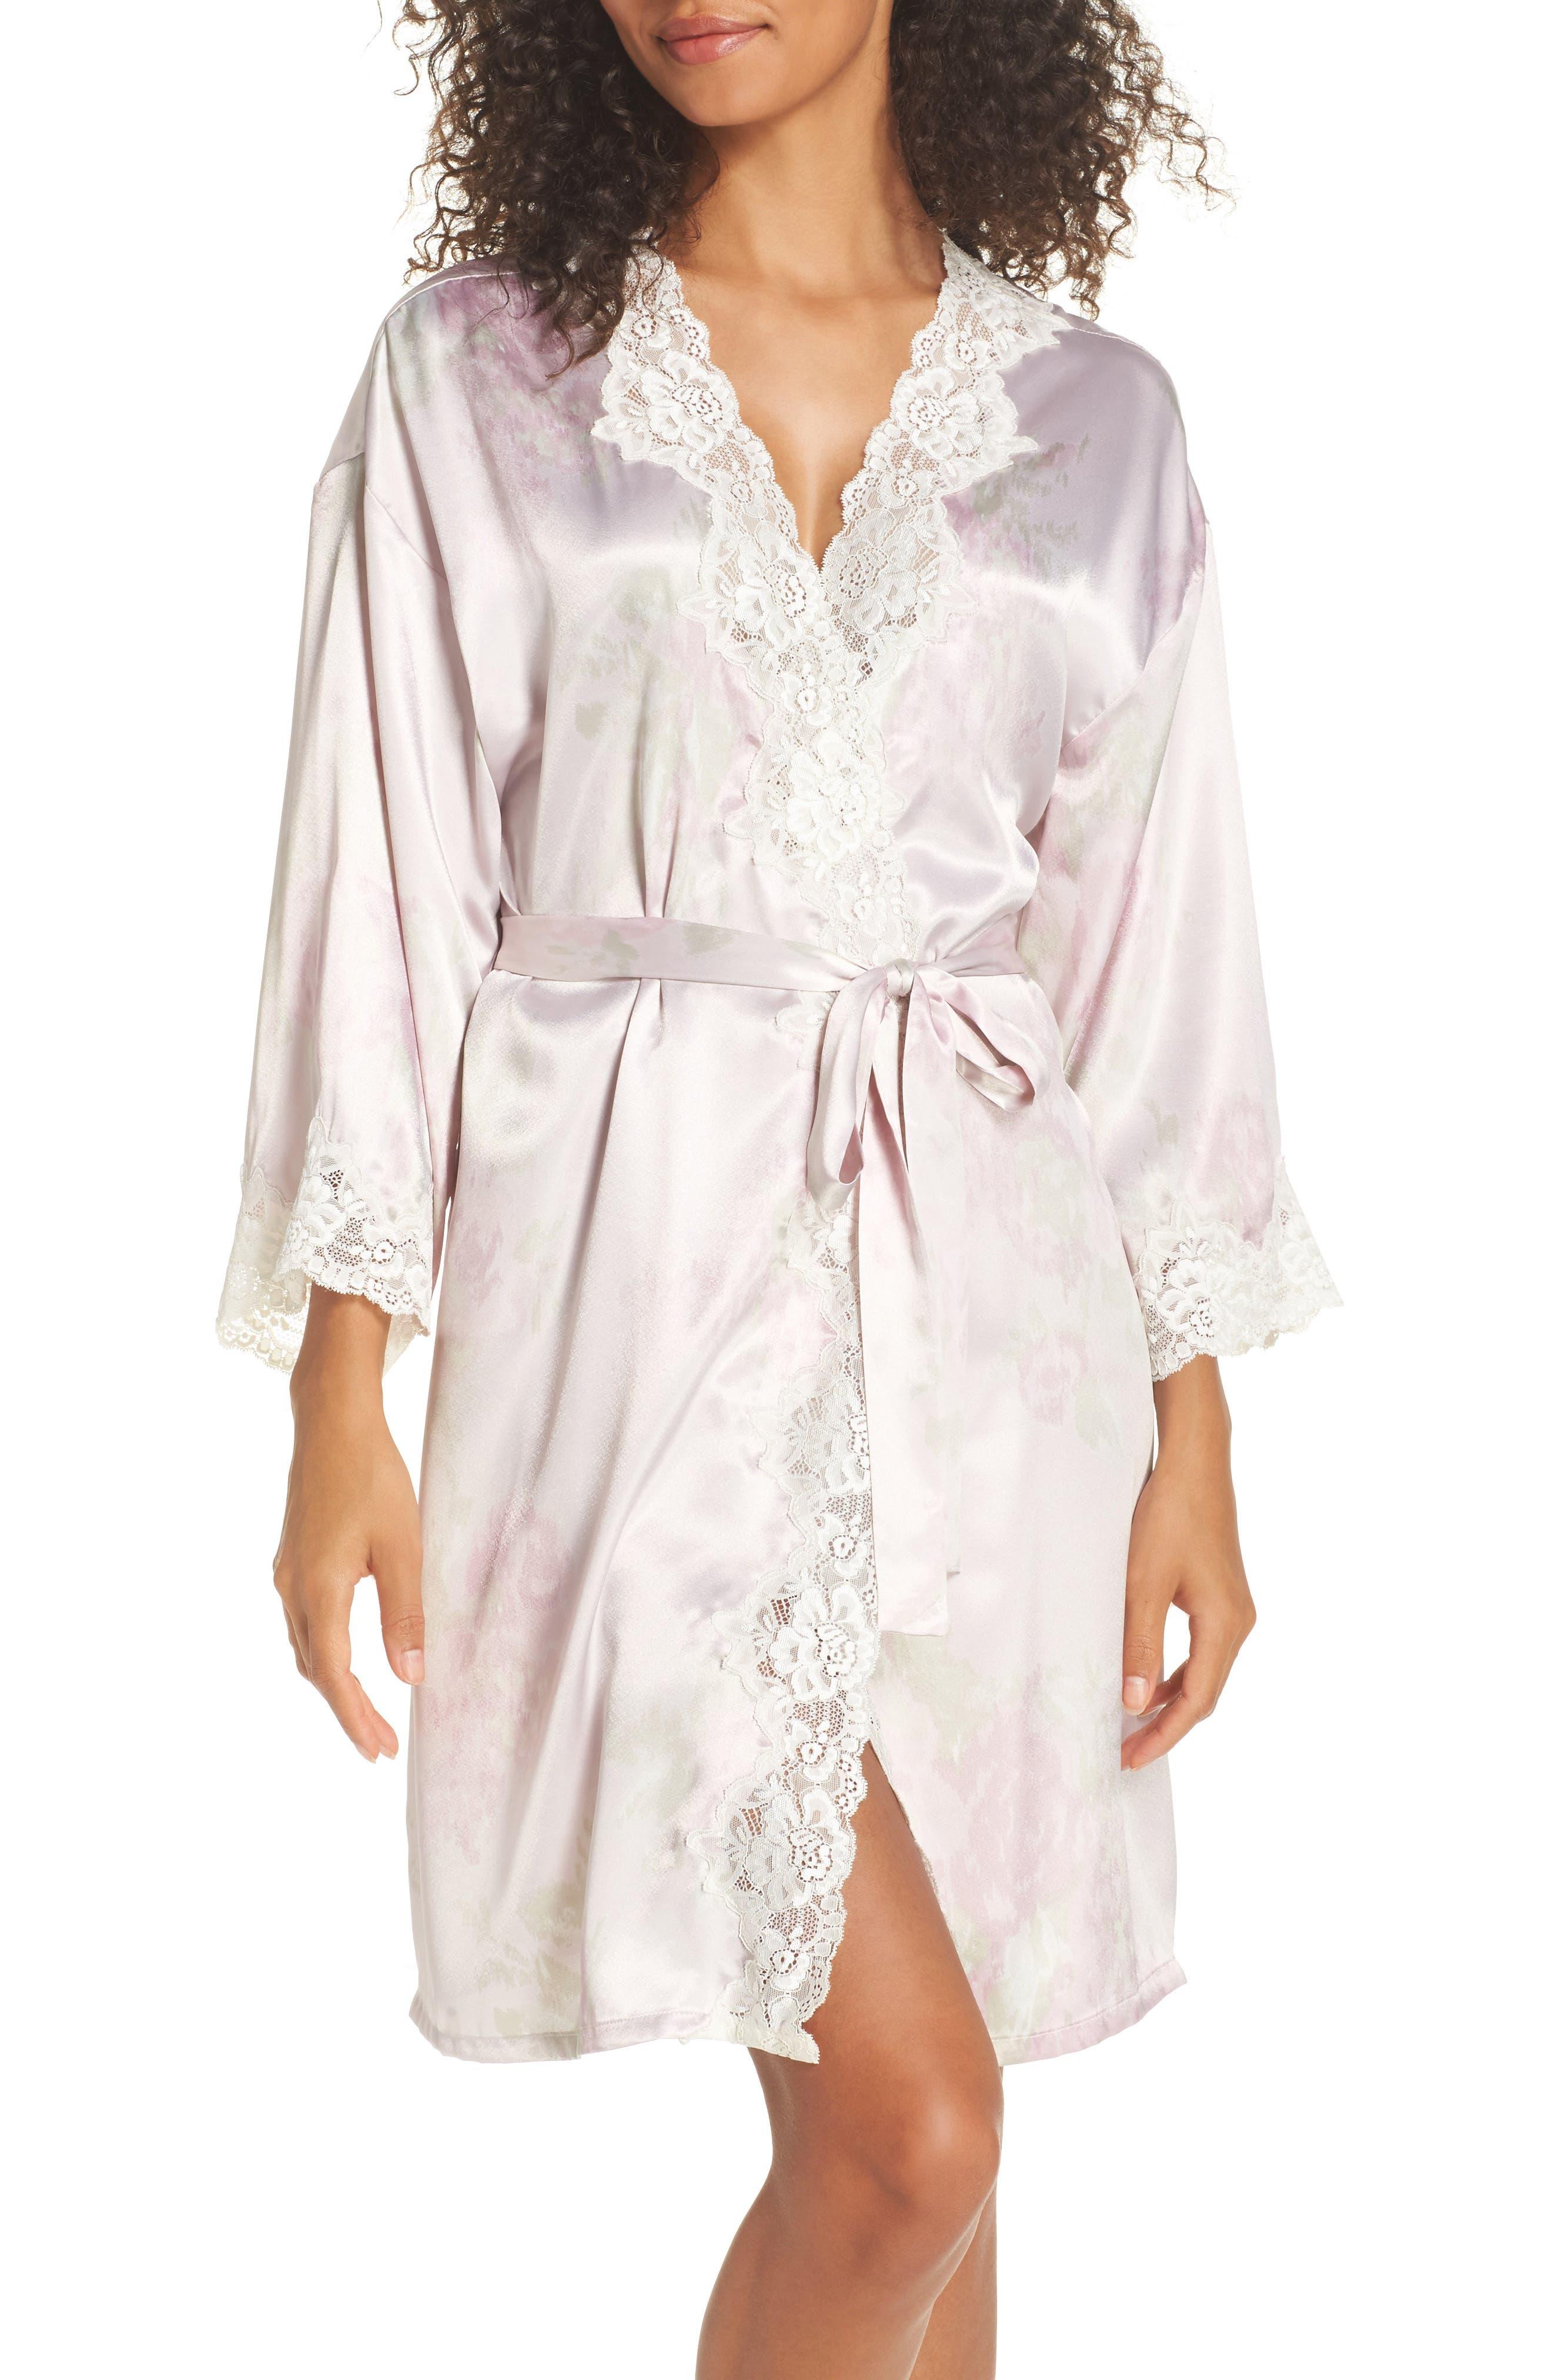 Alternate Image 1 Selected - Lauren Ralph Lauren Lace & Satin Robe